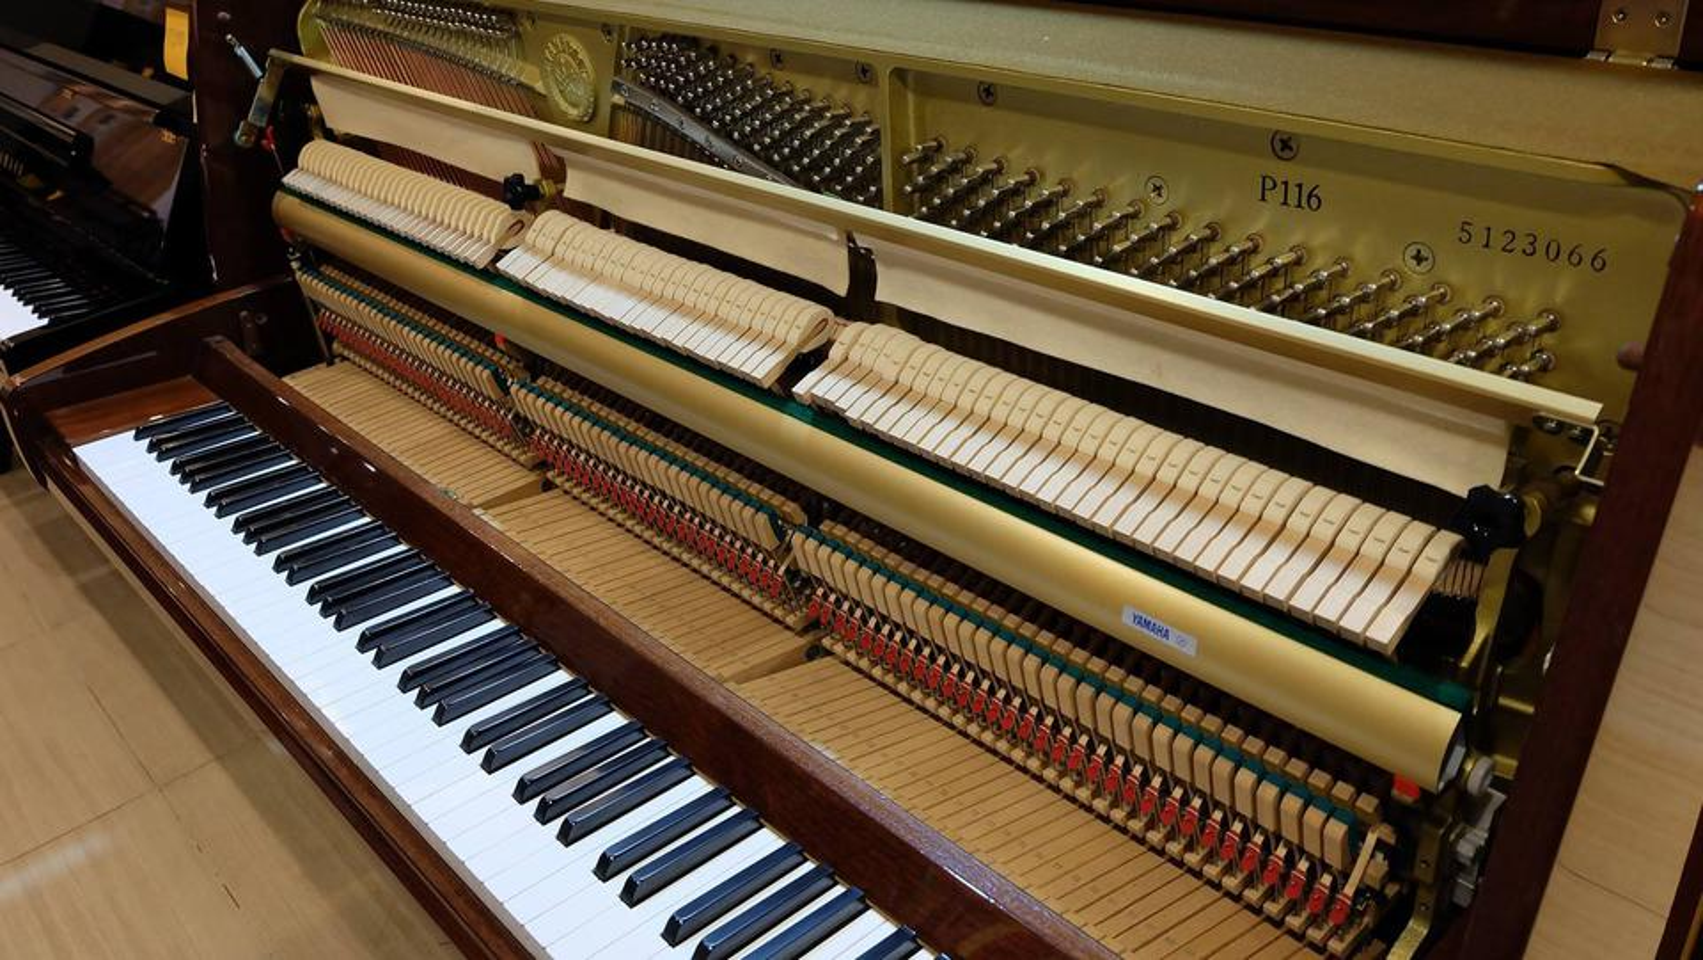 ประกาศขายเปียโนอัพไรท์ YAMAHA P116 สีไม้เดิมๆ สวยงามมากๆ รูปที่ 2